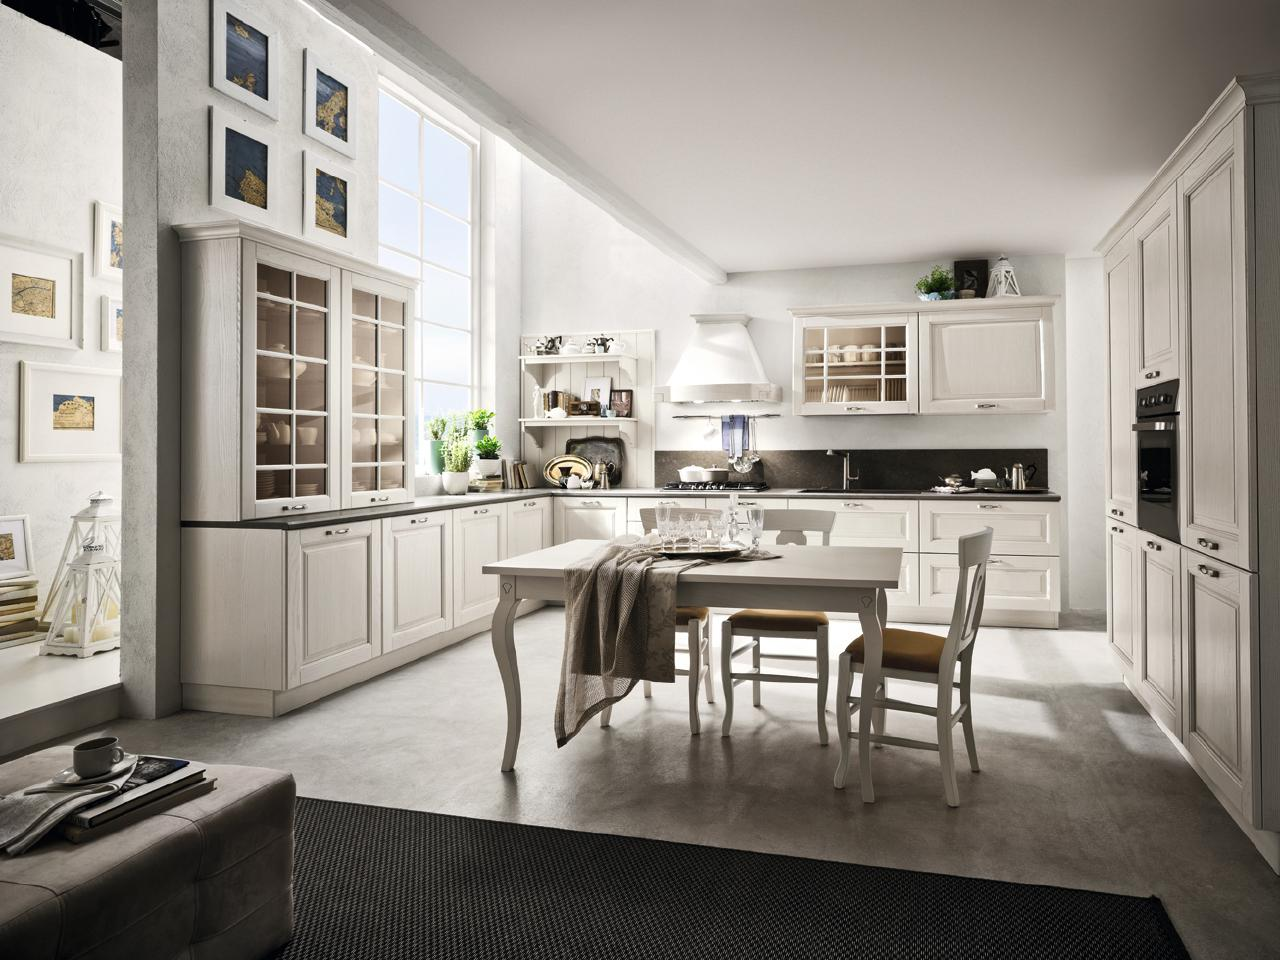 Stosa cucine inaugura nuovo store ad arezzo cose di casa for Mobilia store cucine